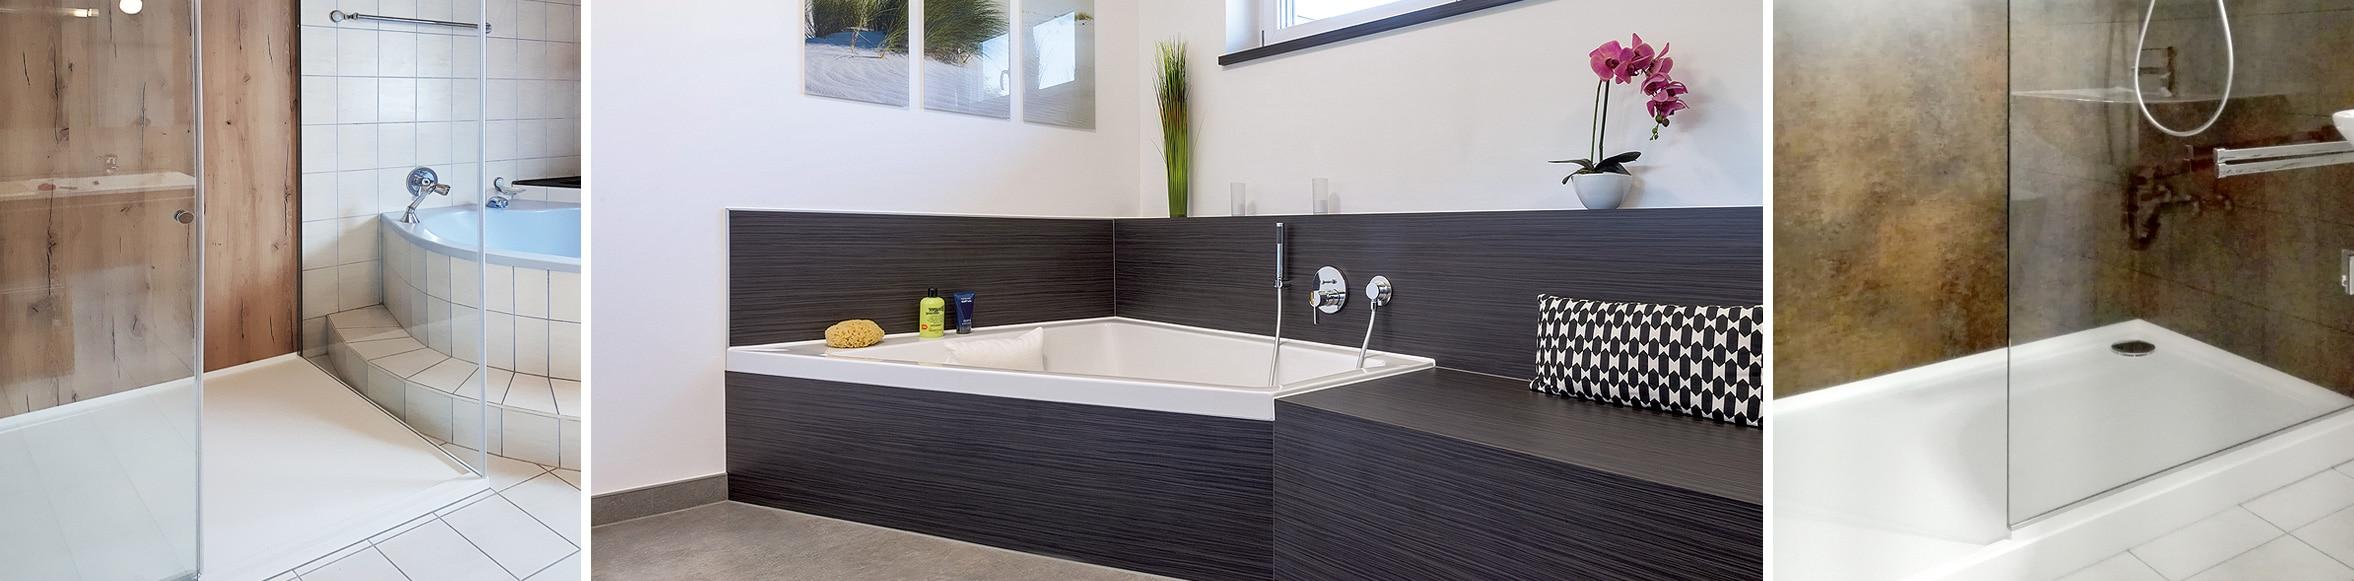 Bad erneuern mit Dusche renovieren